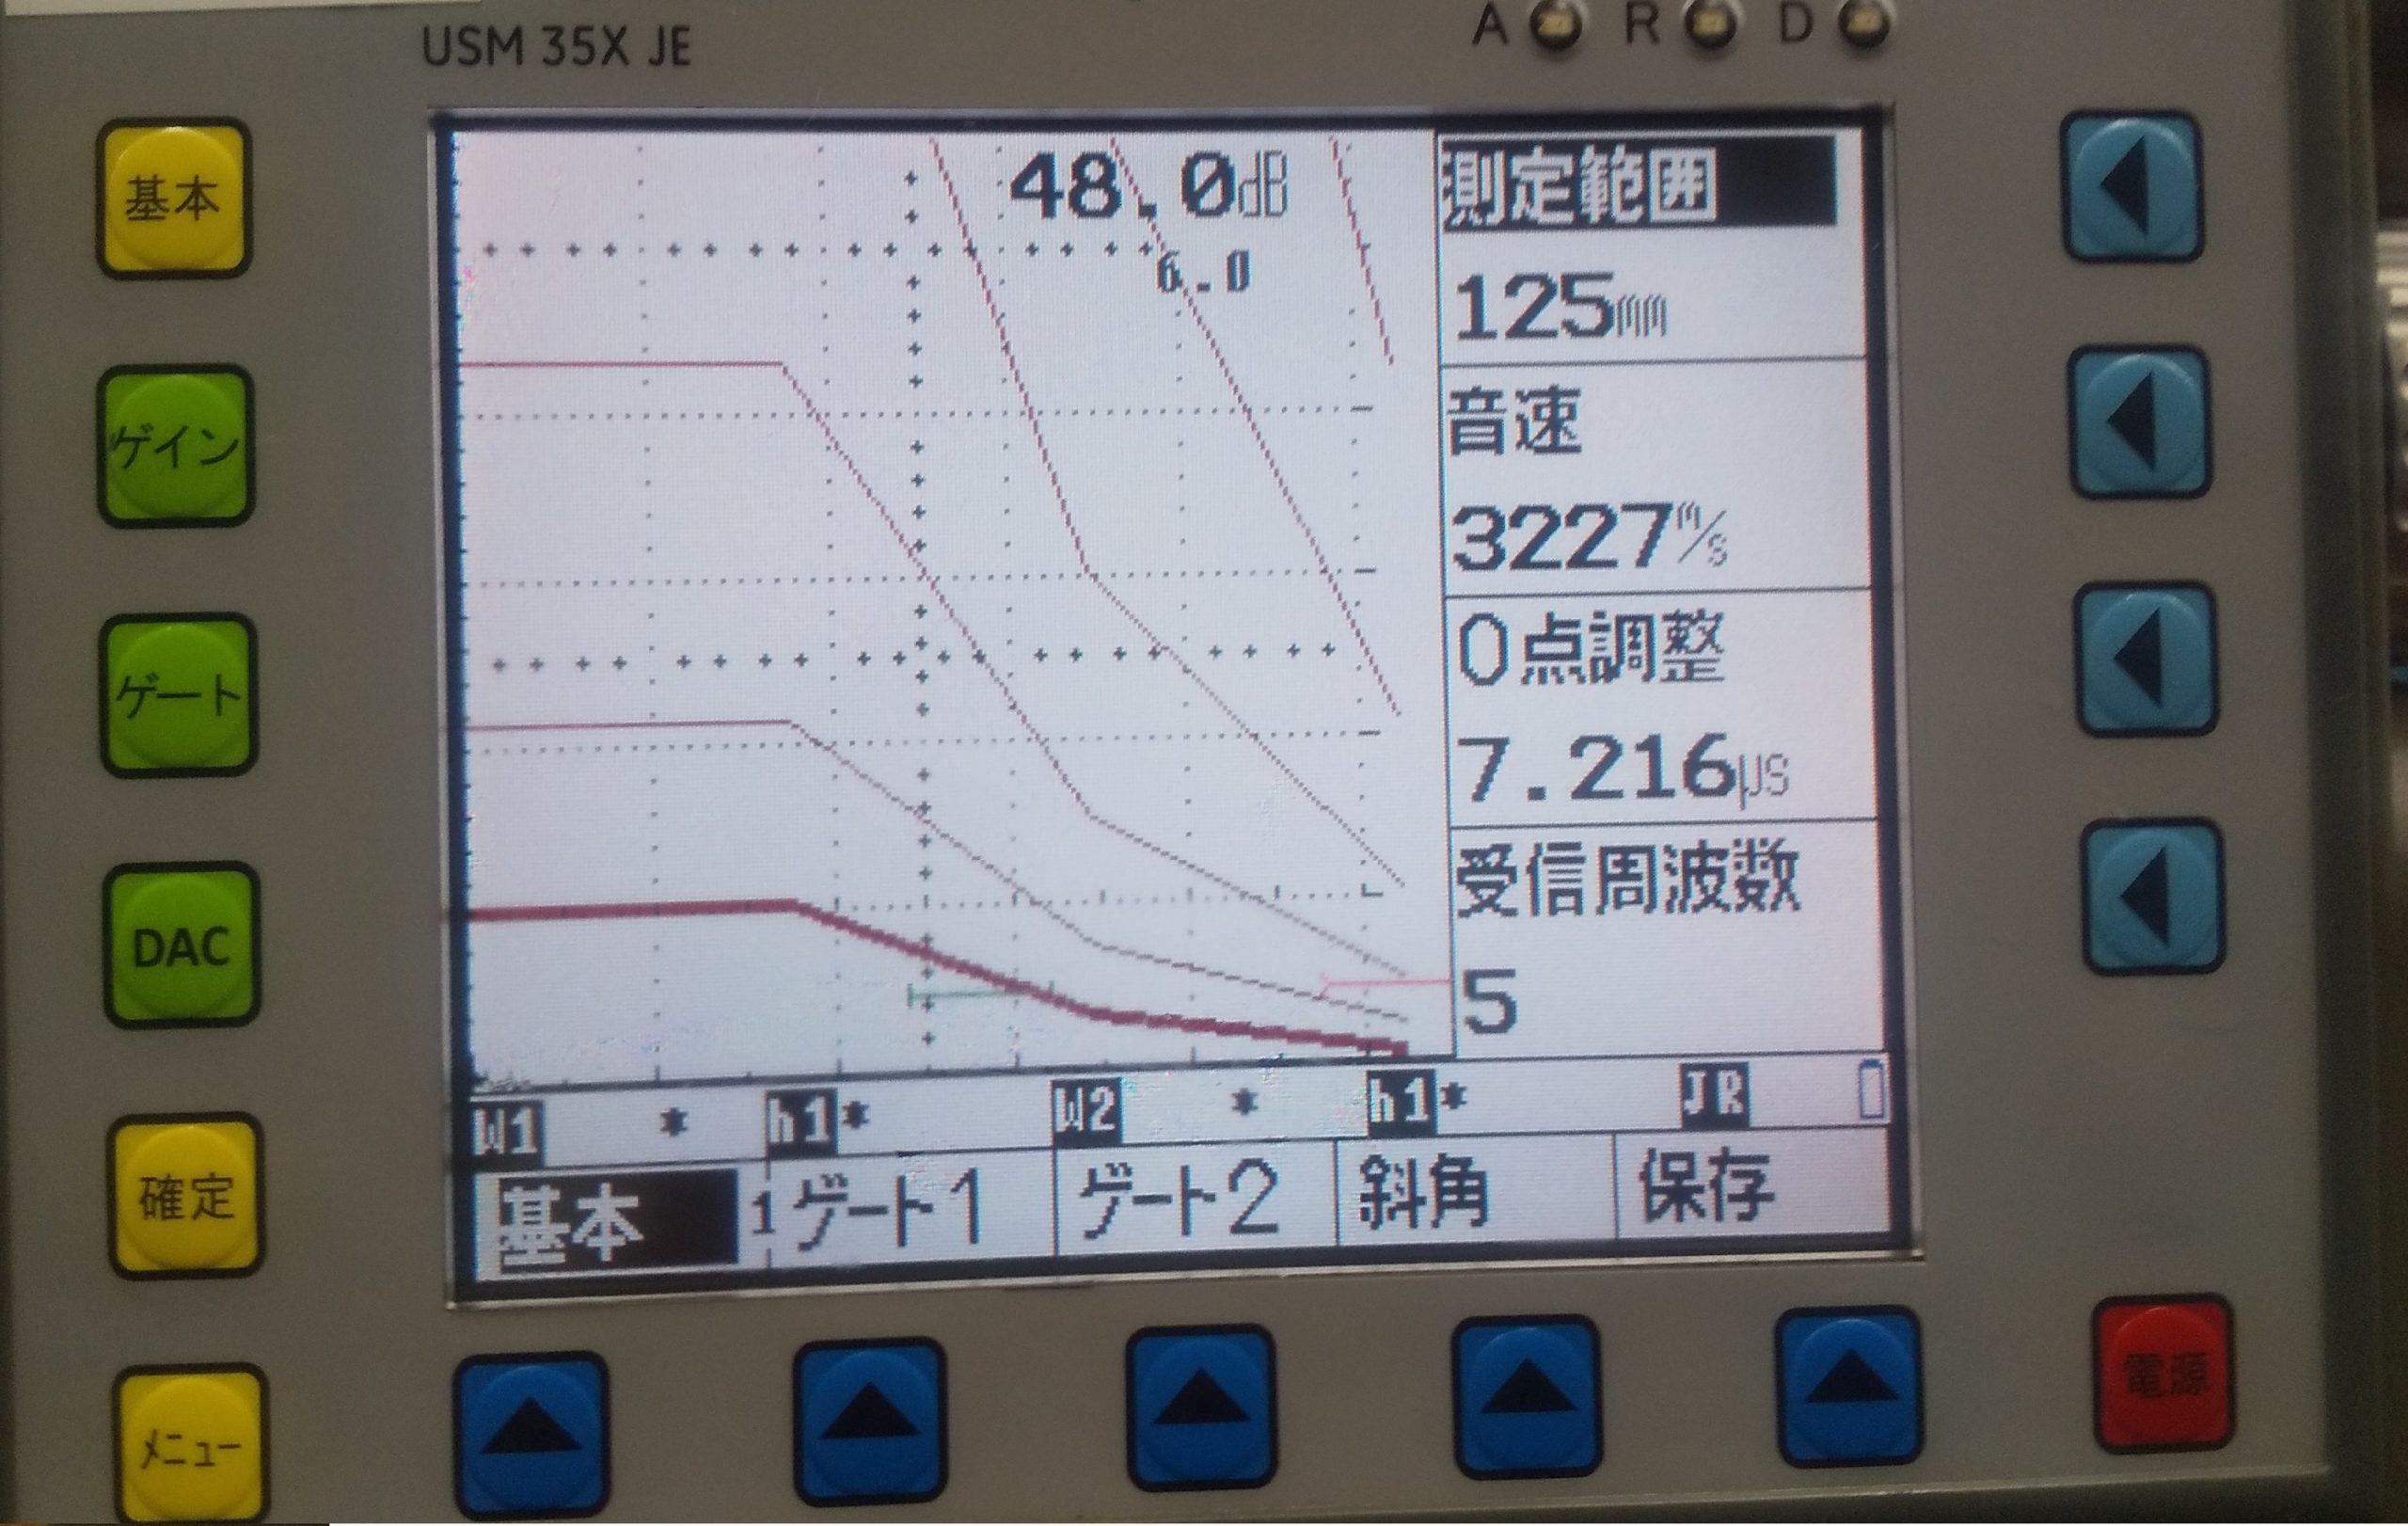 距離振幅特性曲線